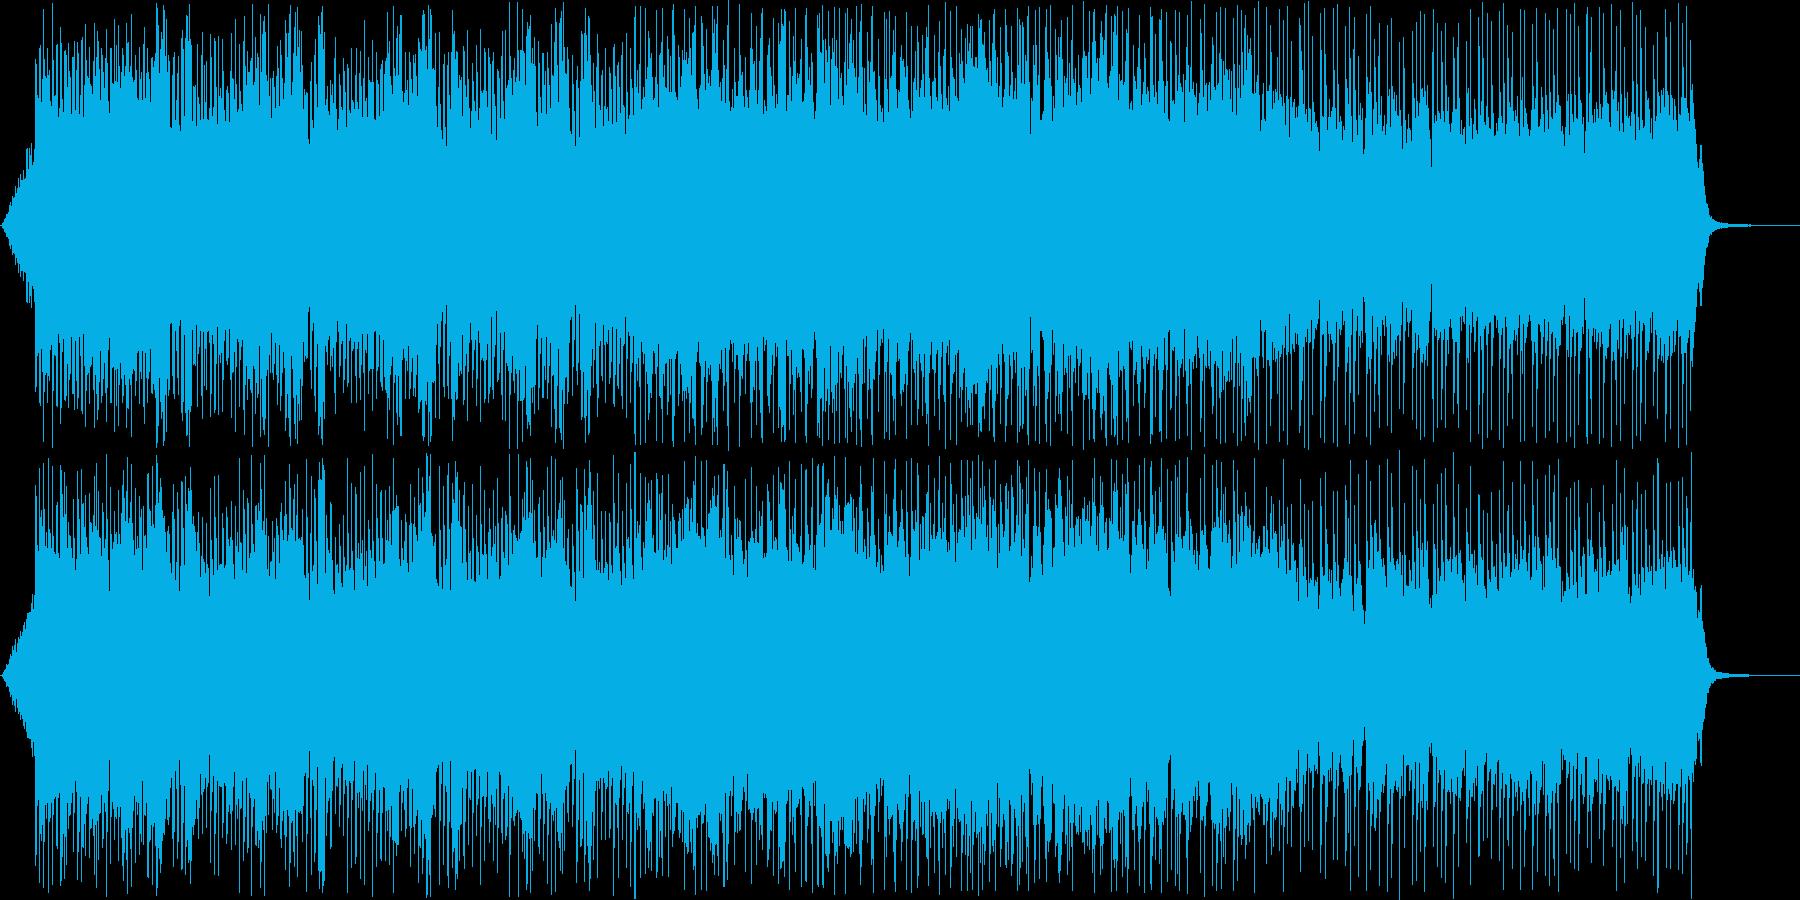 テクノのような電子音で疾走感のある音楽の再生済みの波形